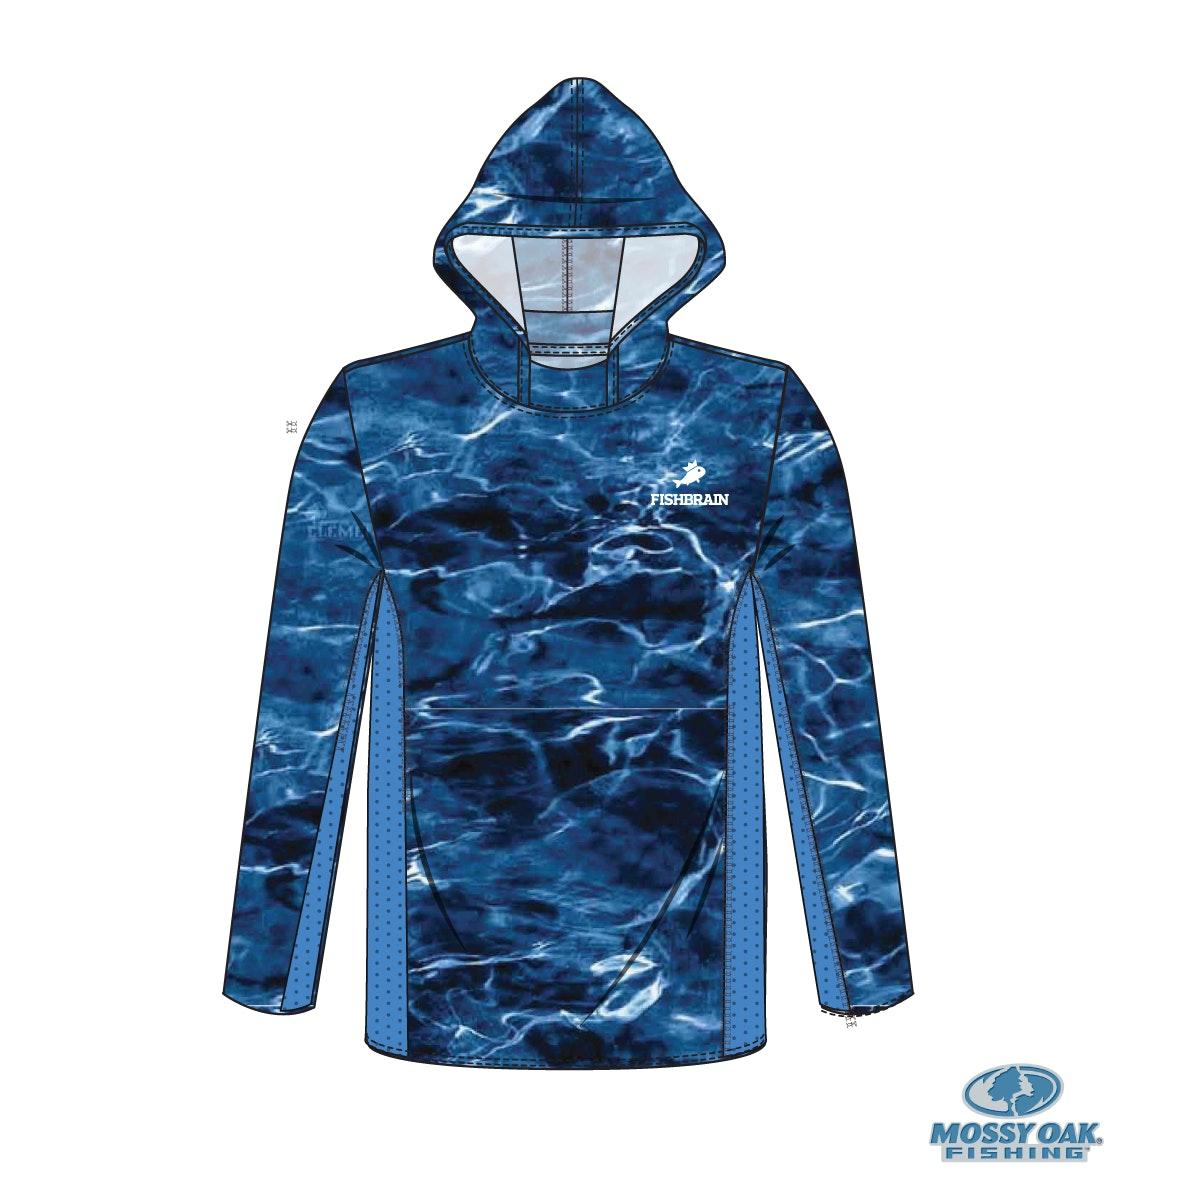 Mossy Oak Hooded LS Performance Shirt